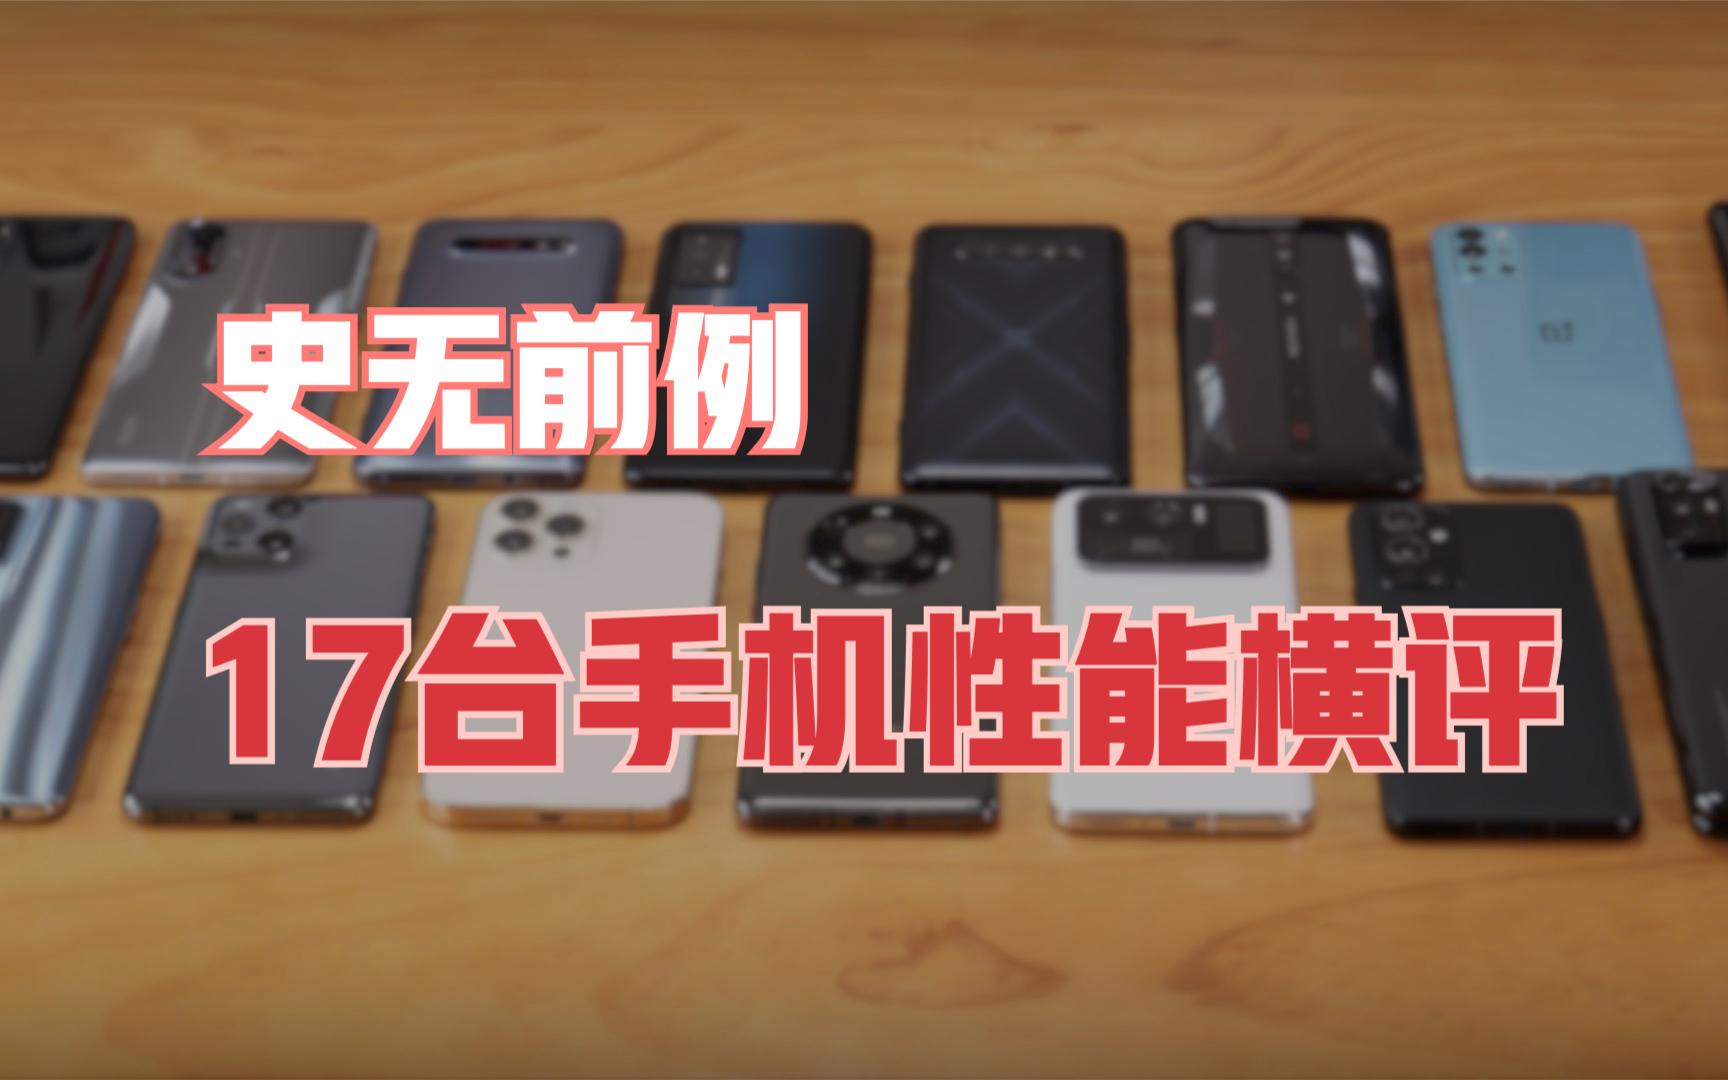 史无前例 17款手机性能横评 竟有这么多秘密【新评科技】